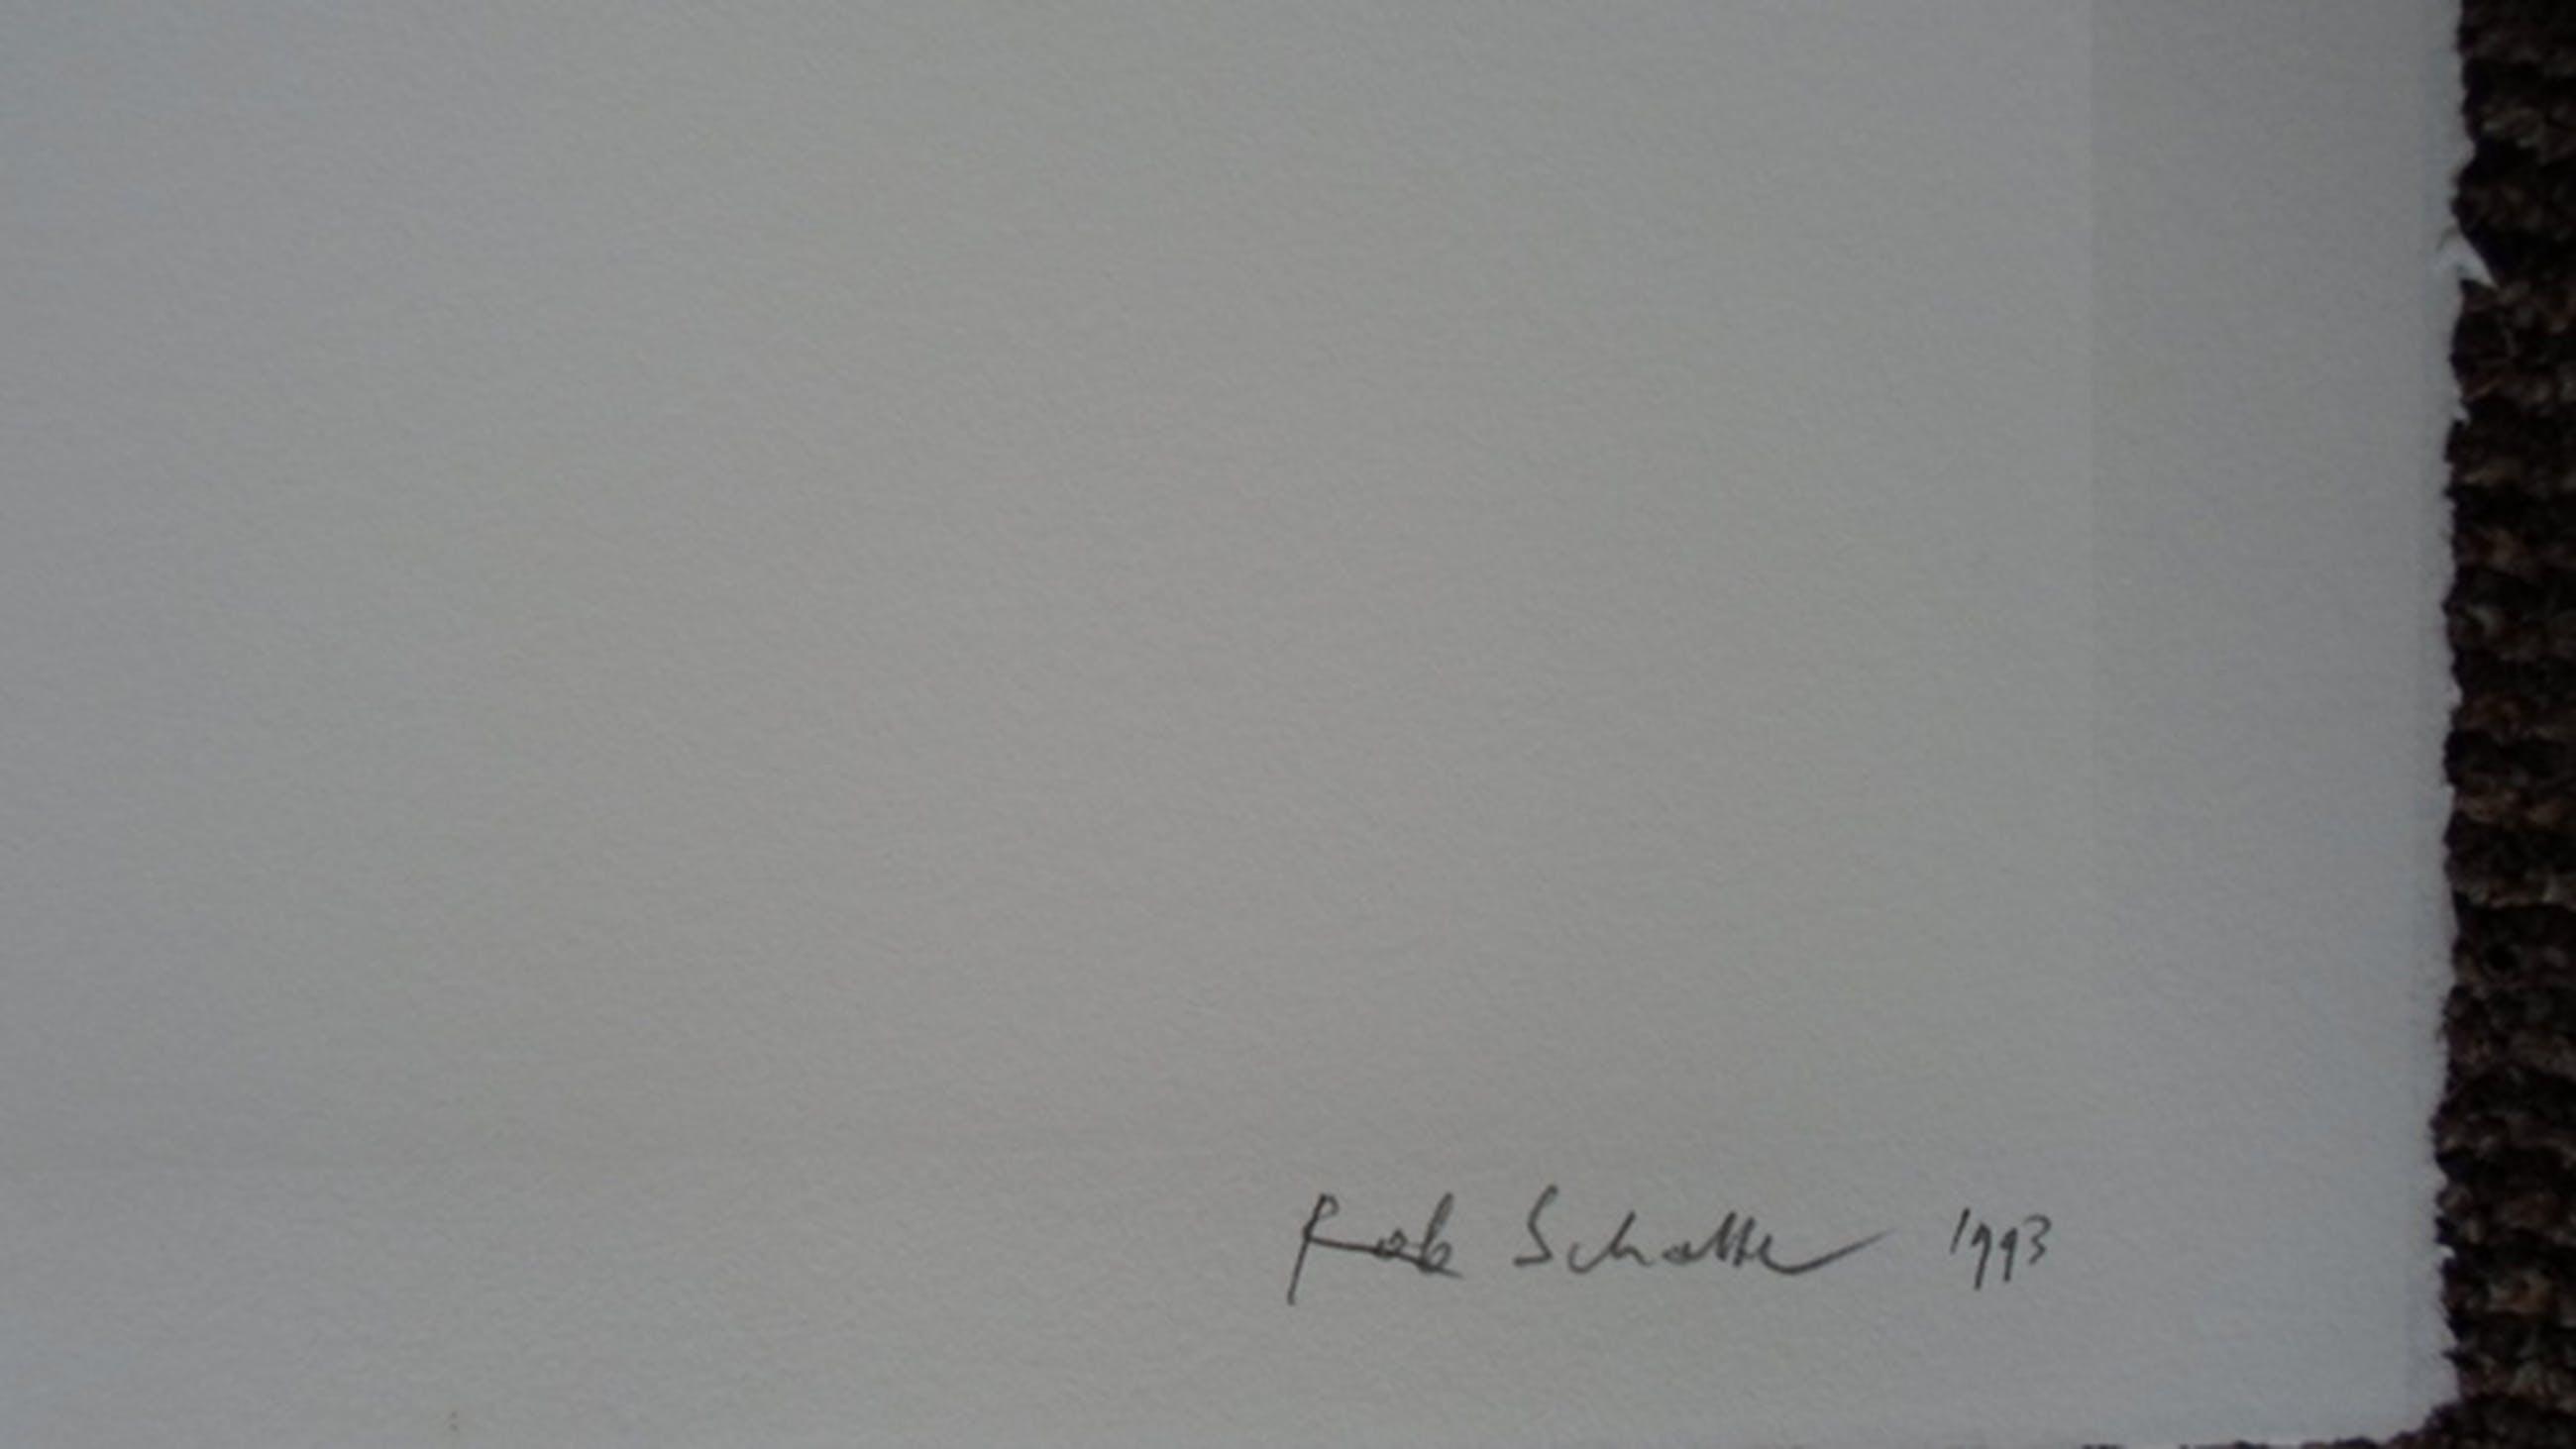 Robe Scholte: Polkadot kopen? Bied vanaf 145!